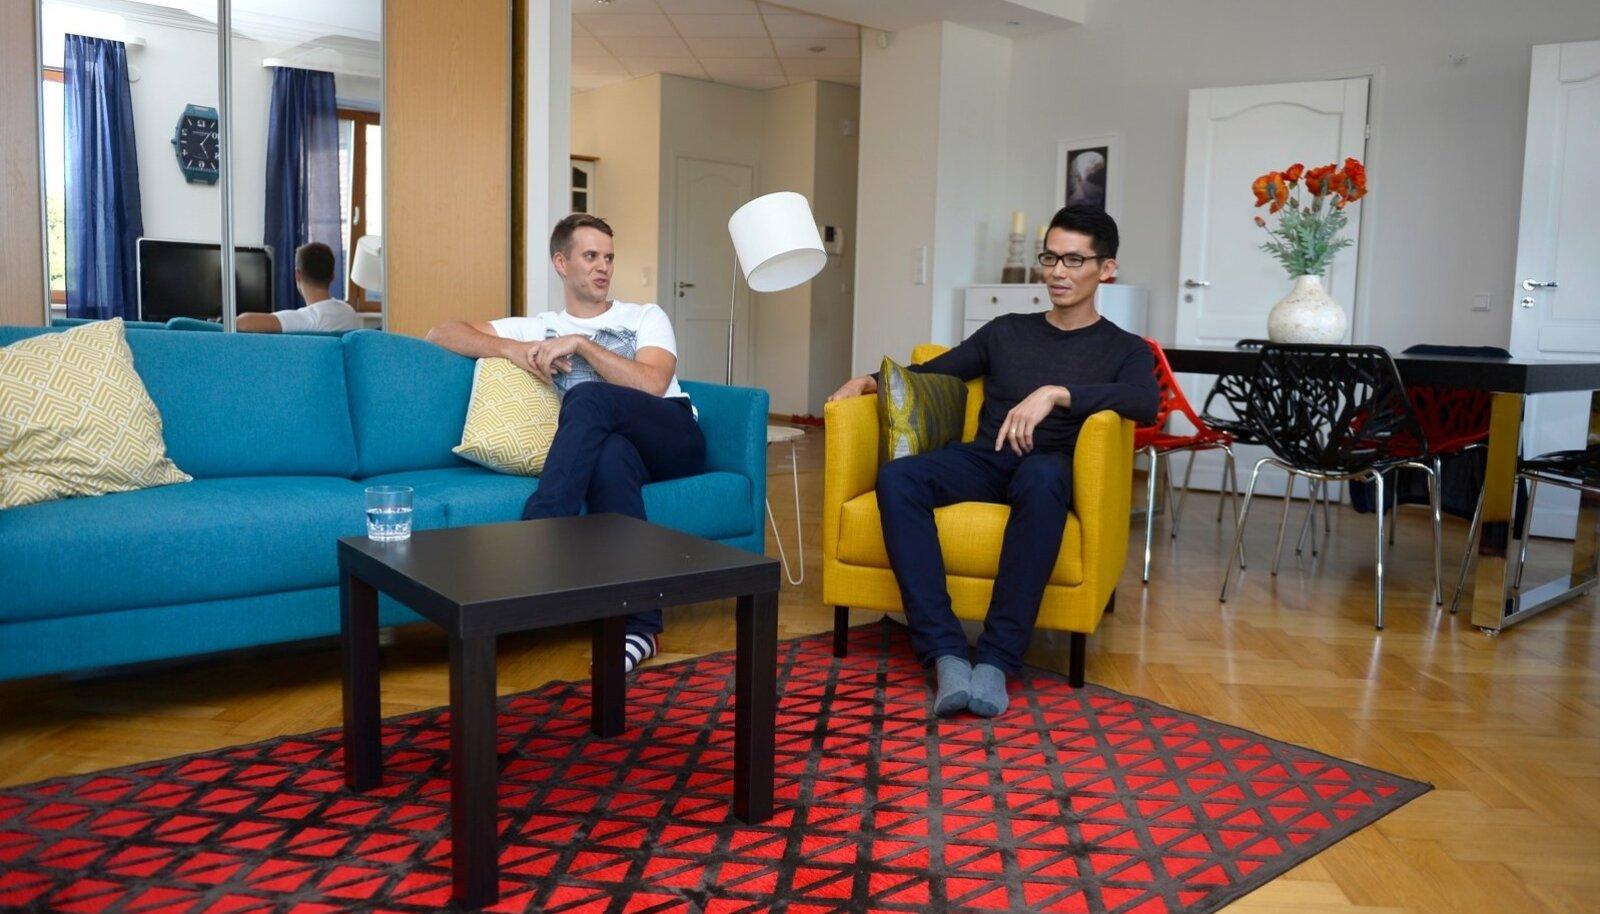 VERIVÄRSKE KODU: Mihkel Randrüüt ja Kevin Wong vuntsisid Tallinna kesklinna korteri kodumajutuseks üles. Kalleid asju osta ei saanud, sest need viiakse minema.